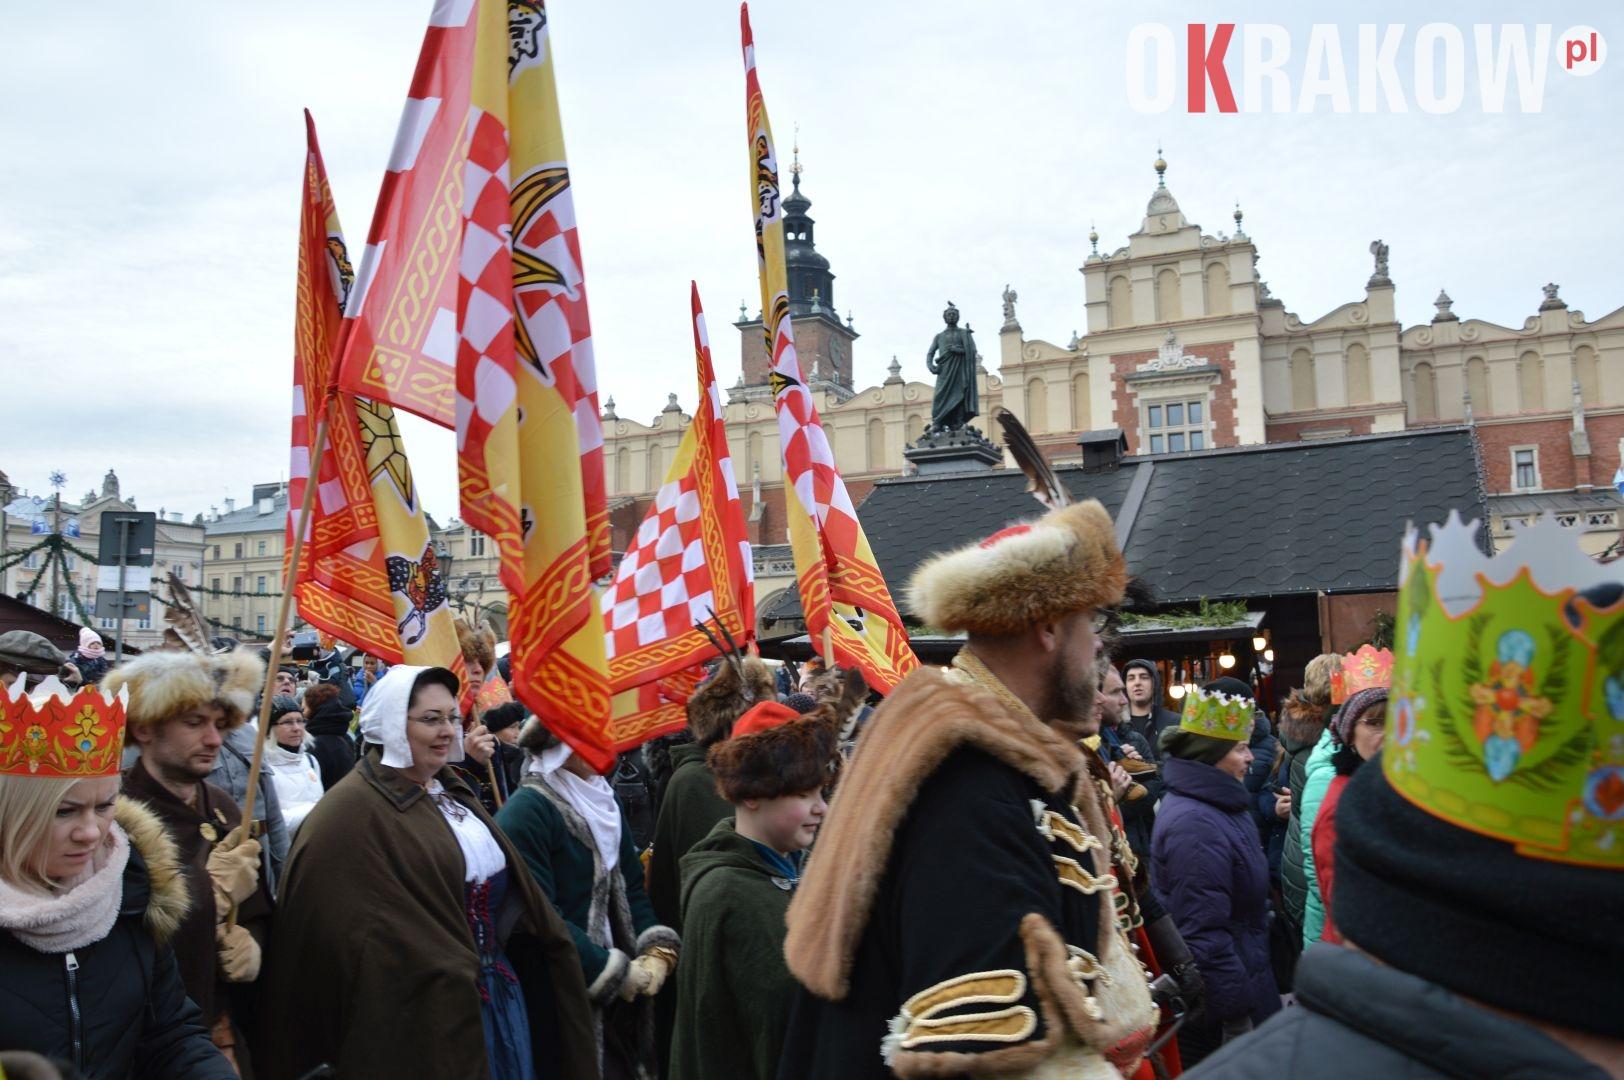 orszak 48 1 150x150 - Orszak Trzech Króli Kraków 2020 Galeria Zdjęć z Orszaku (czerwonego)